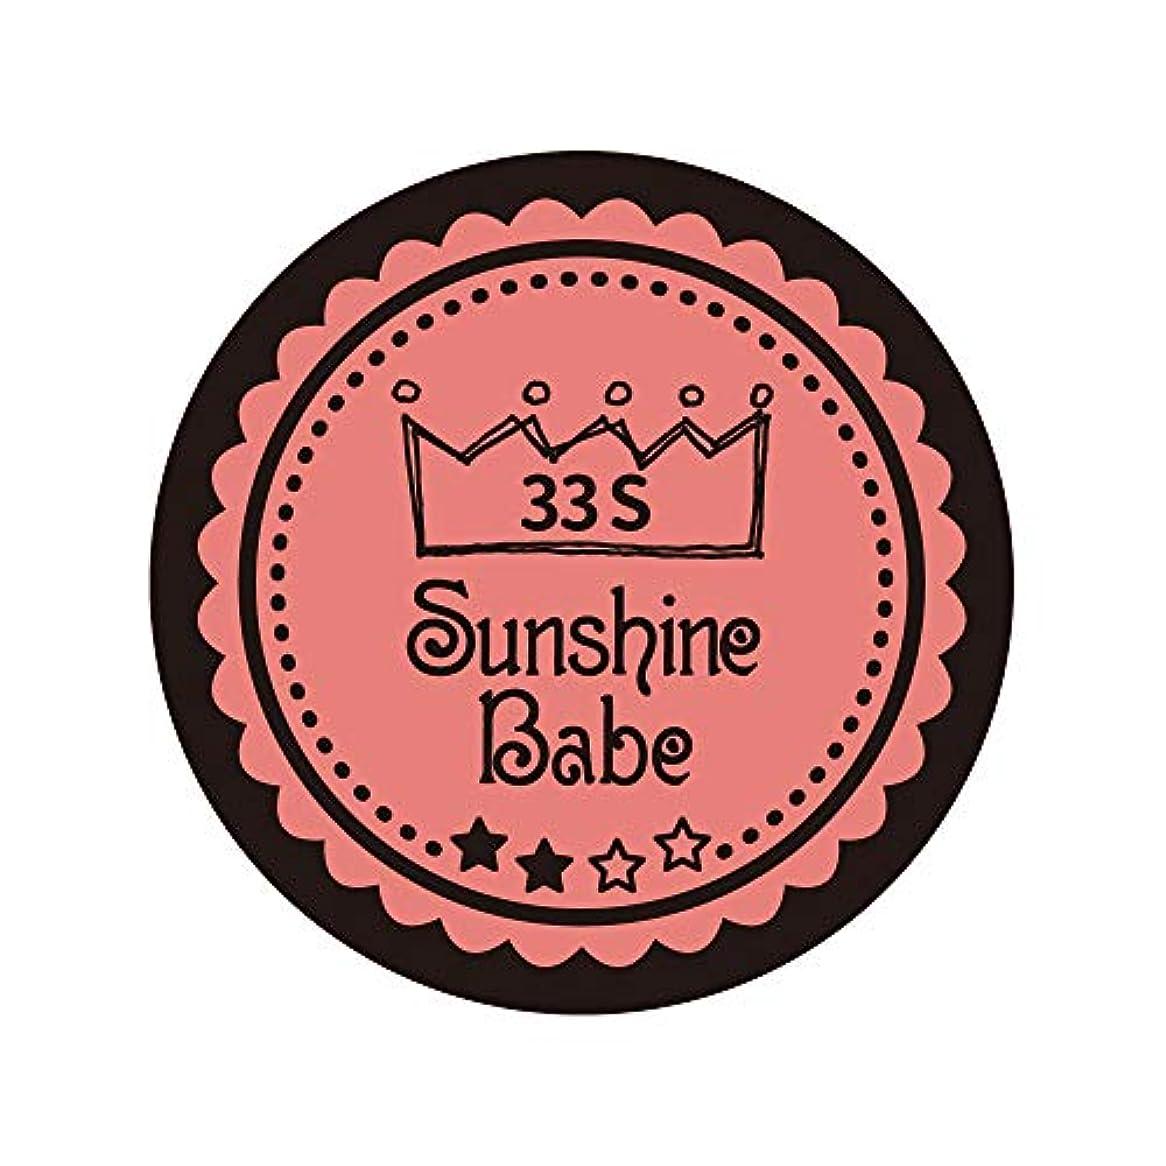 ネーピア半導体フラグラントSunshine Babe カラージェル 33S ベイクドコーラルピンク 2.7g UV/LED対応